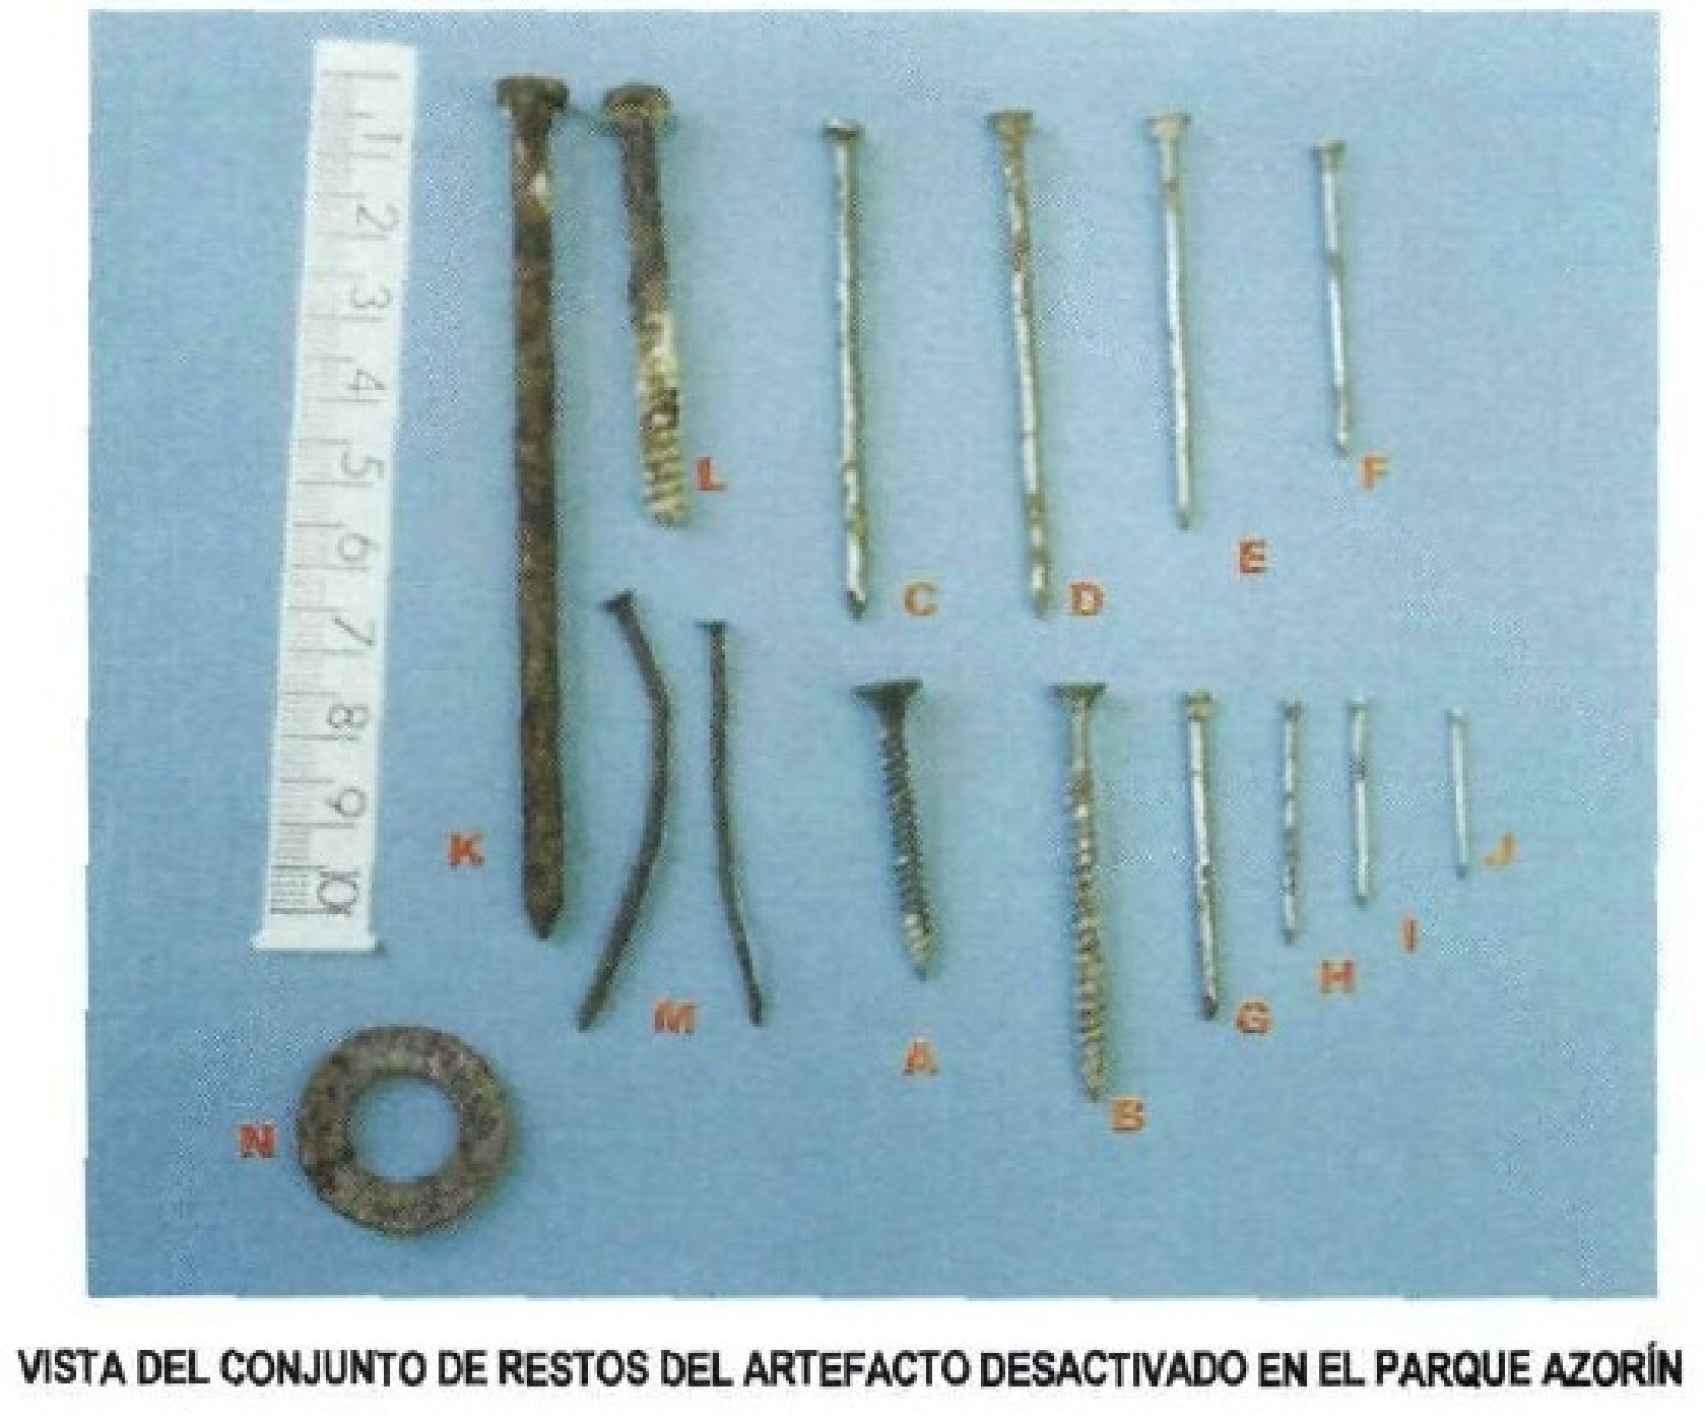 Modelos de la metralla atribuida a la mochila de Vallecas en el informe de diciembre de 2005.